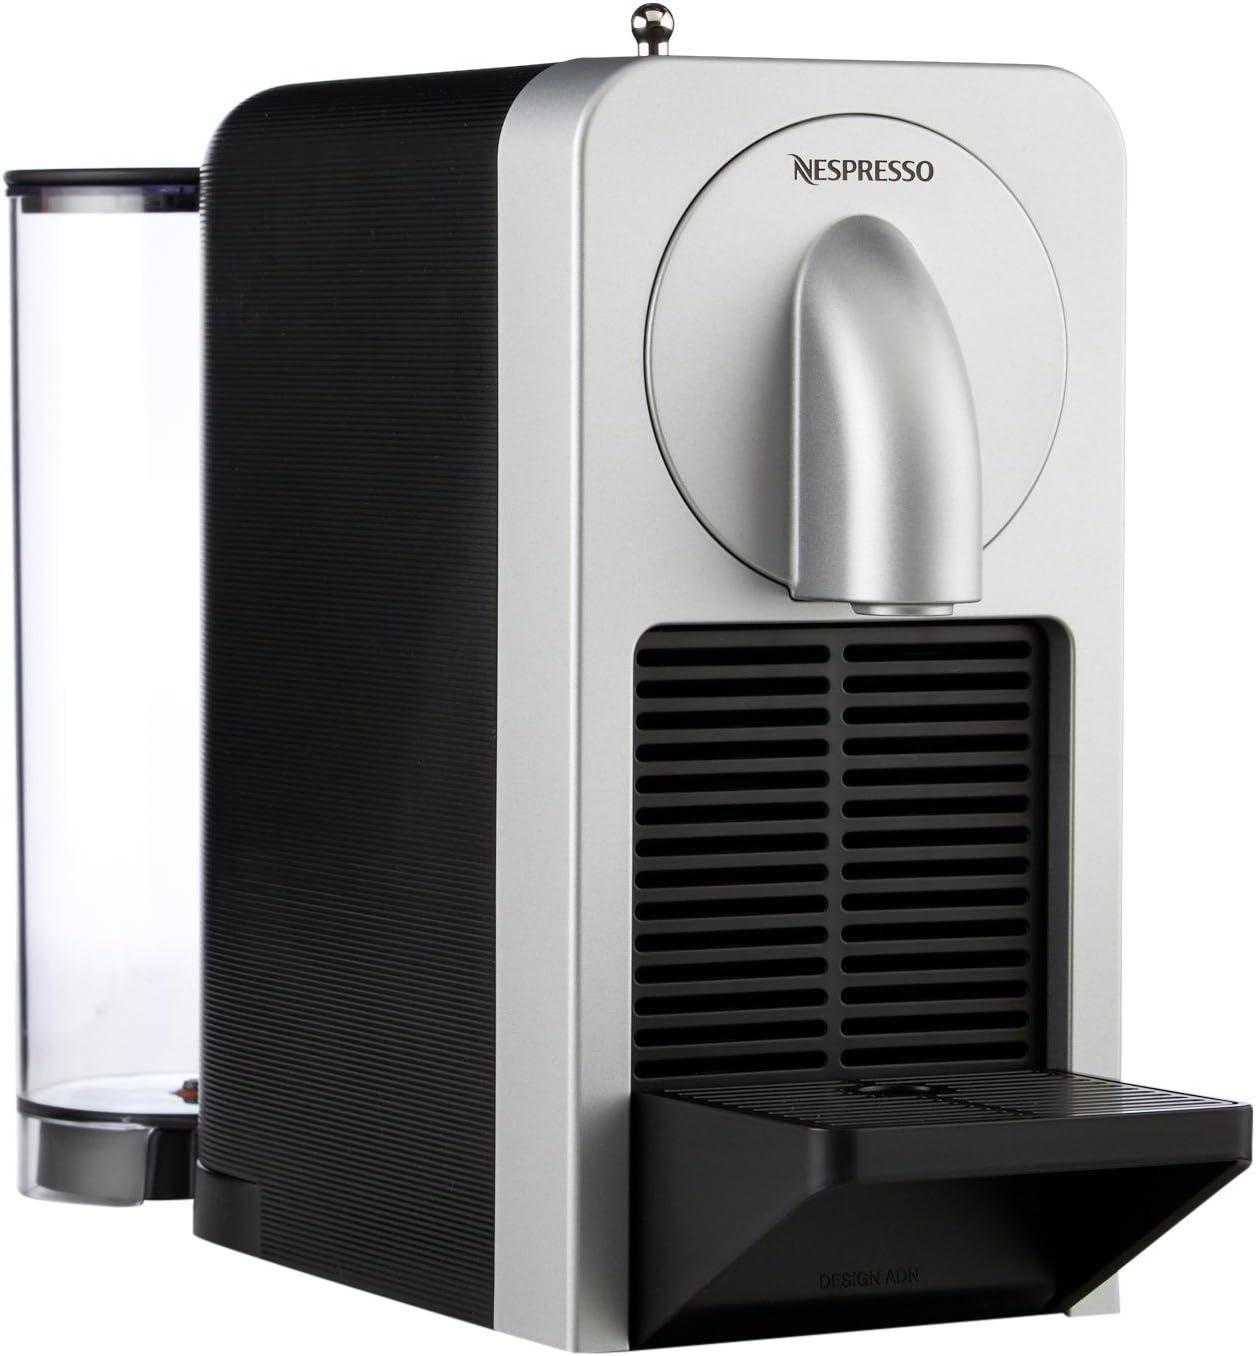 Nespresso prodigio y espumador de leche – Cafetera de espresso con ...